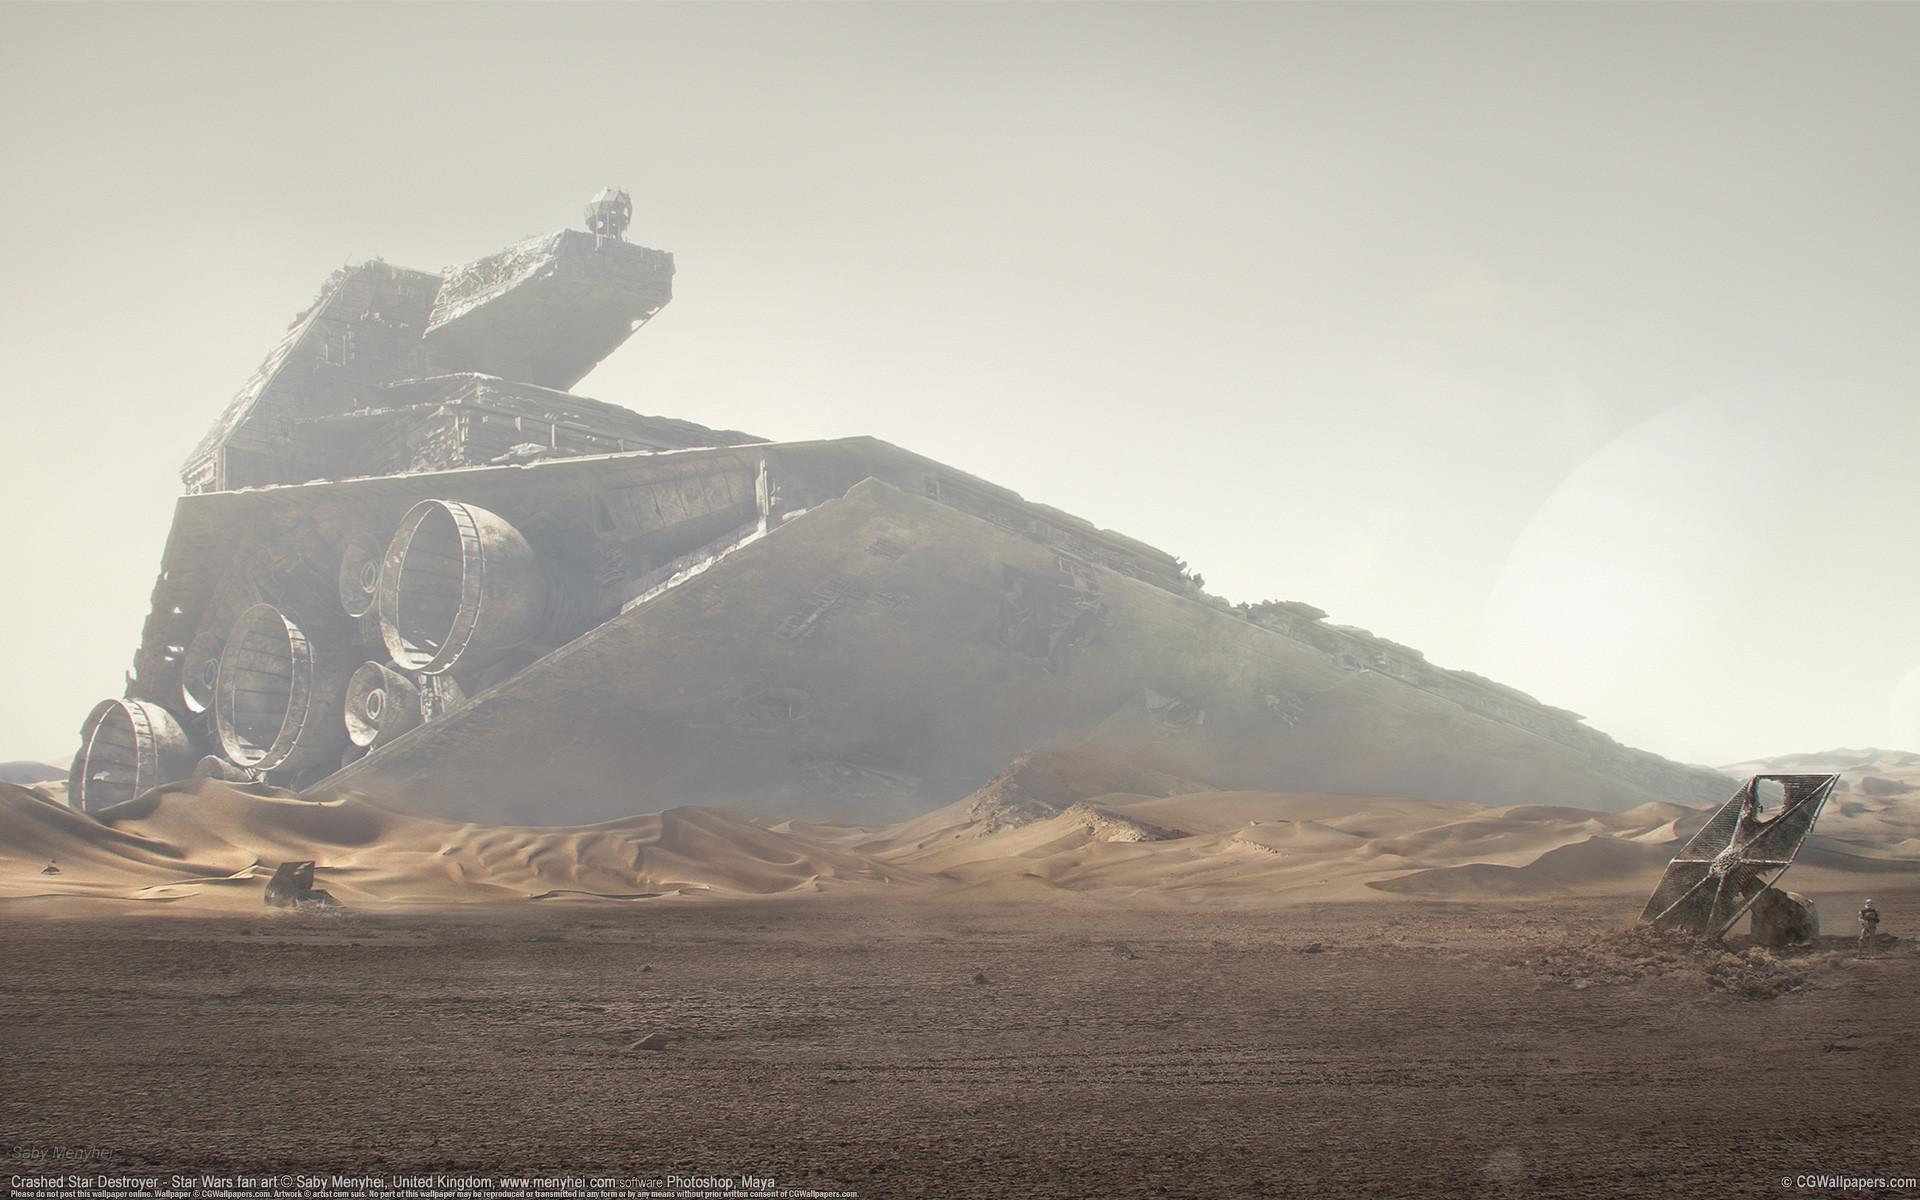 Star wars landscape wallpaper 70 images - Paysage star wars ...